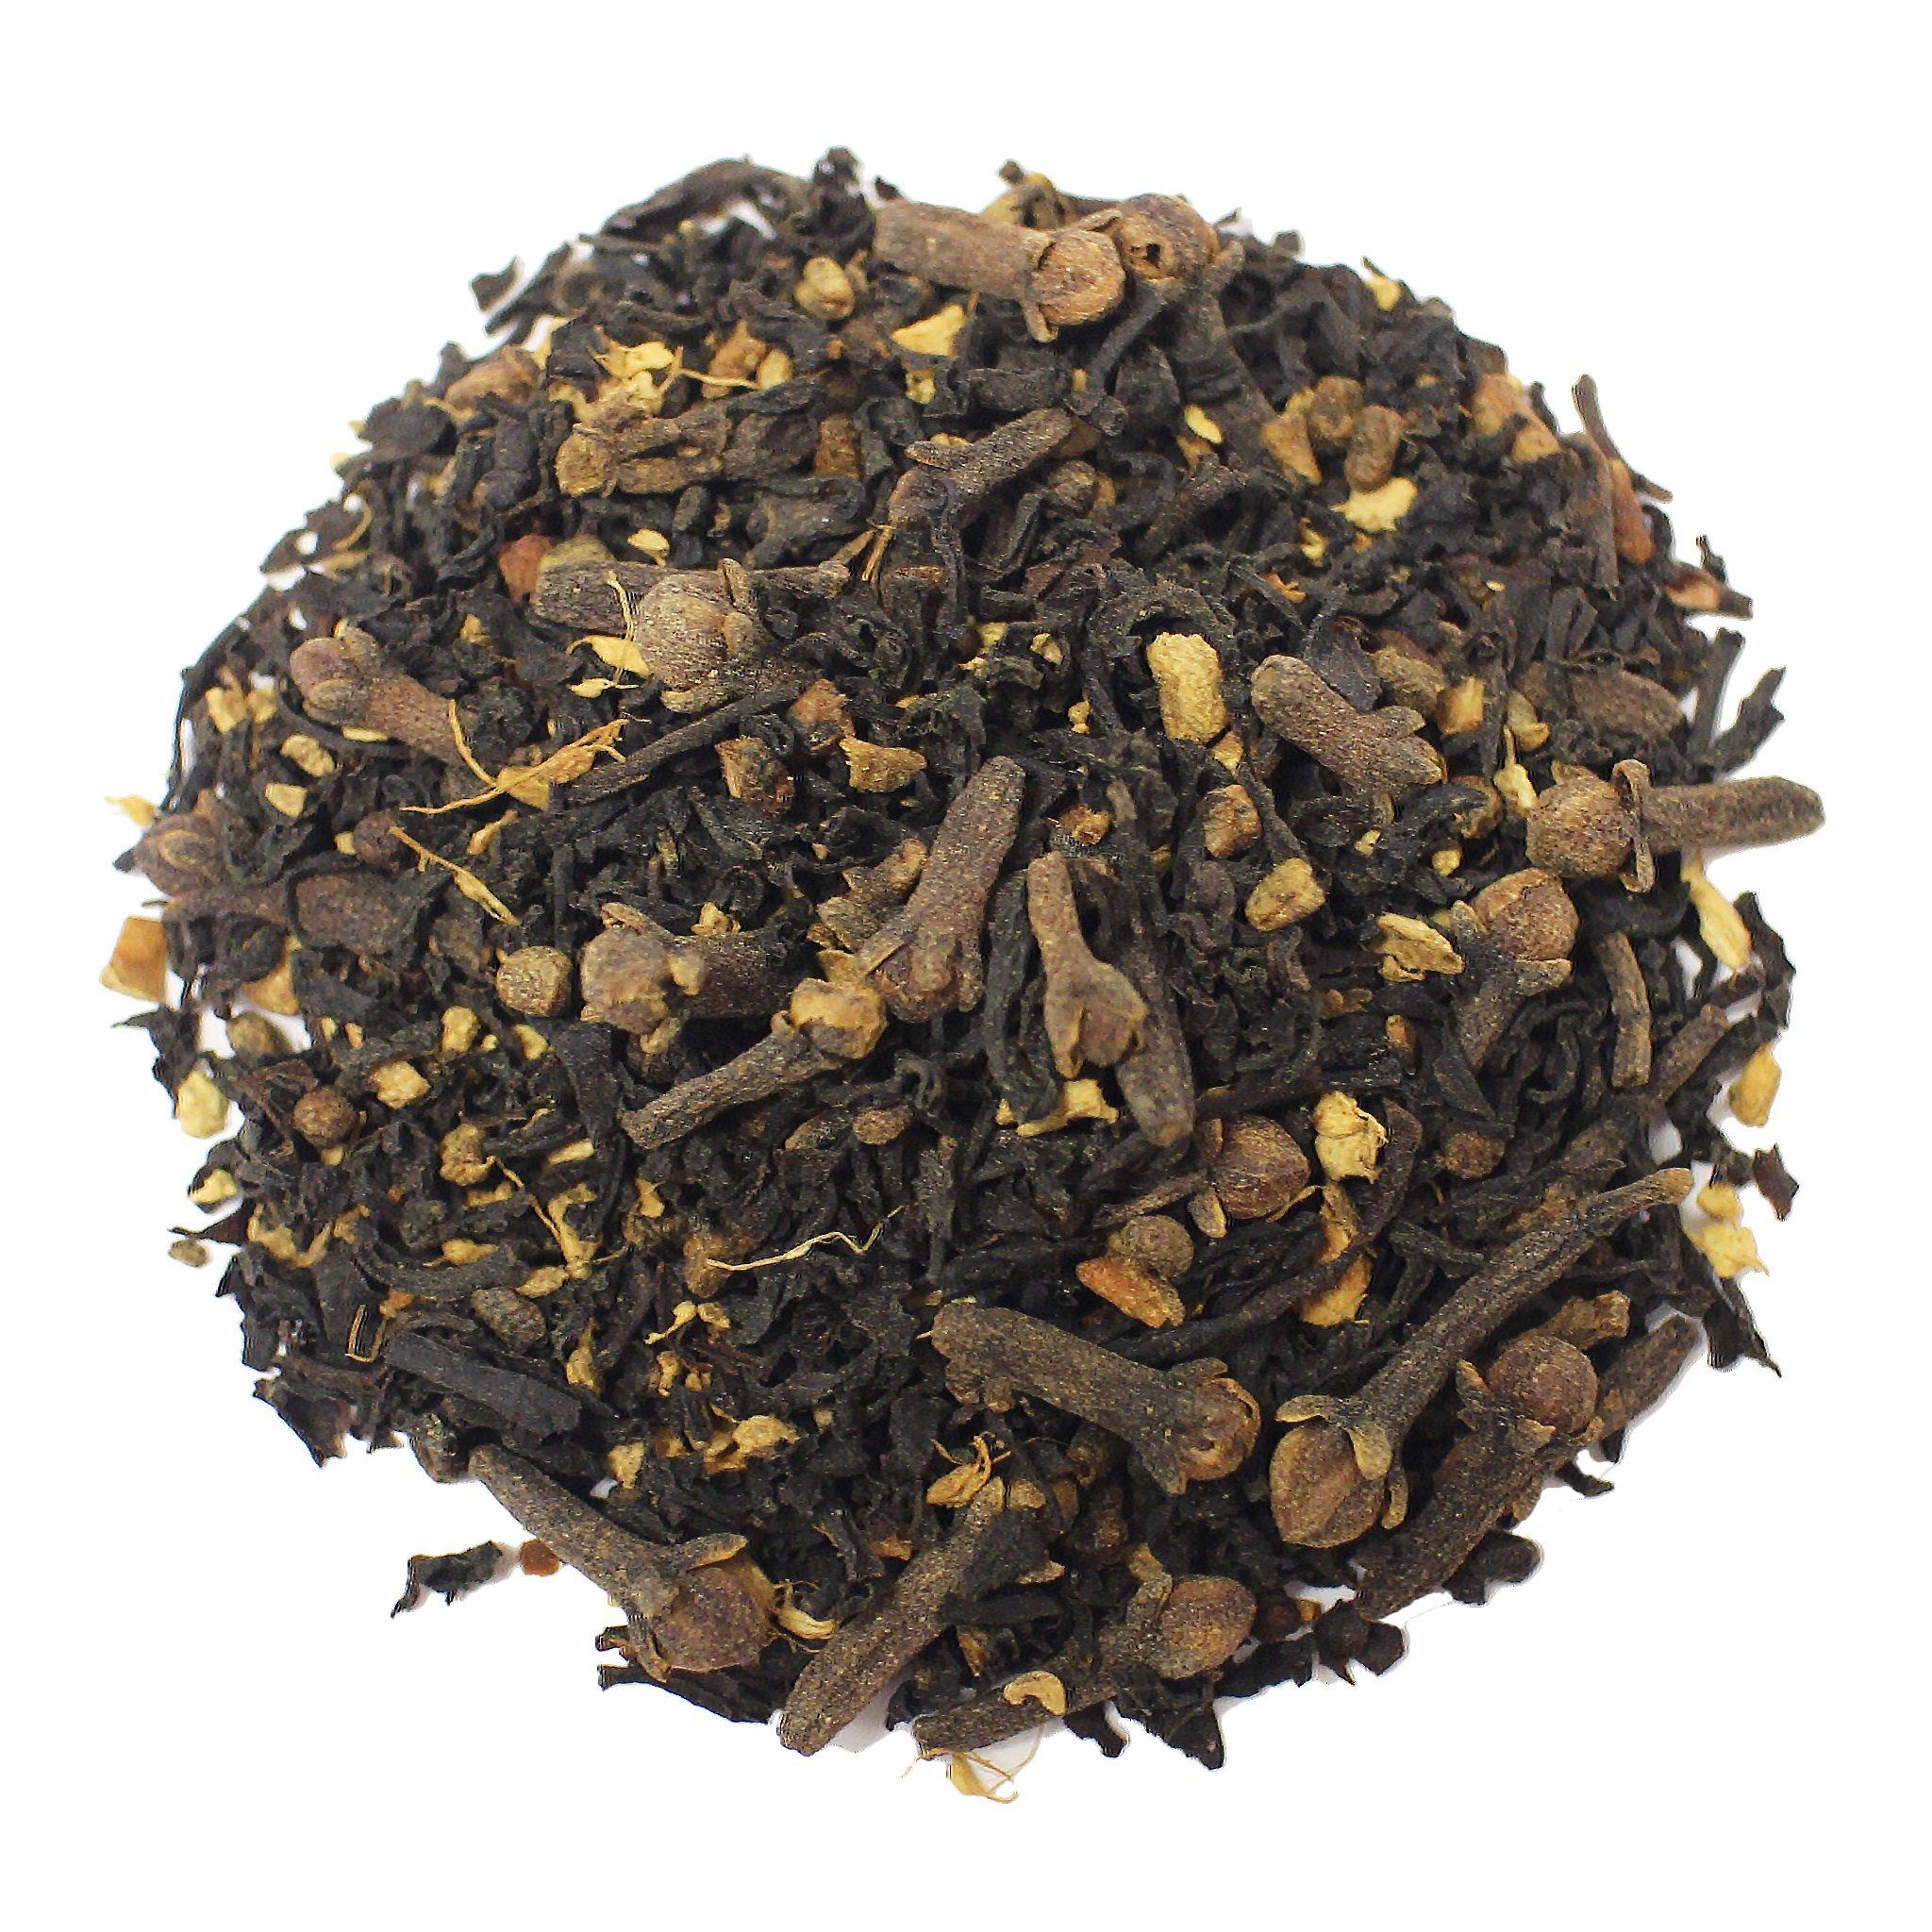 The Tea Farm - Masala Chai Tea - Loose Leaf Black Tea (16 Ounce Bag) by The Tea Farm